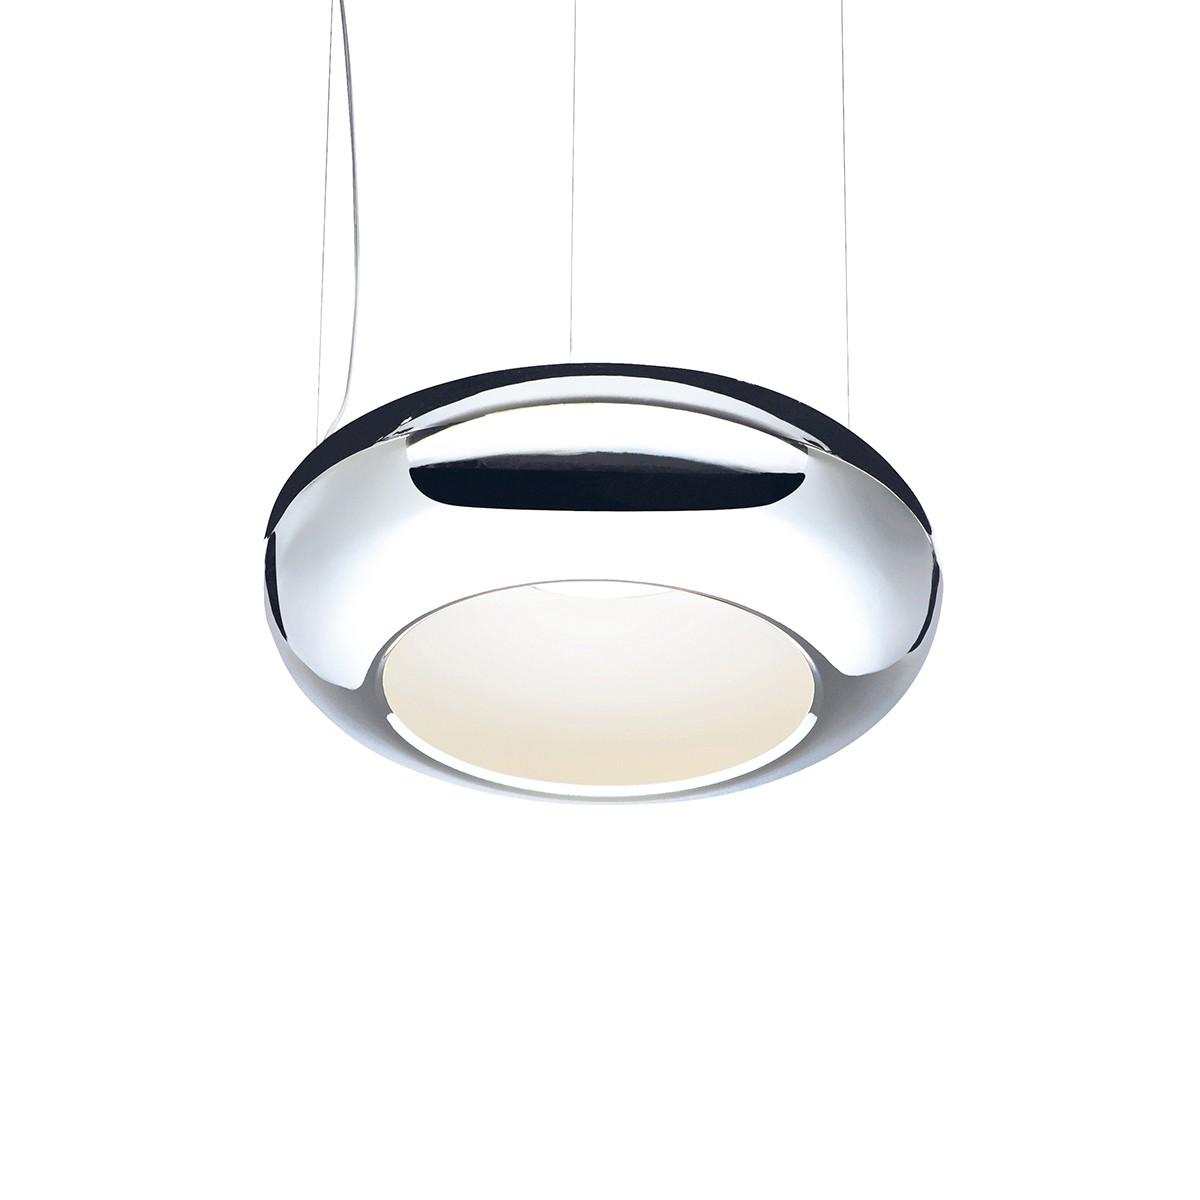 Sompex Aura 01 LED Pendelleuchte, Ø: 61 cm, Chrom